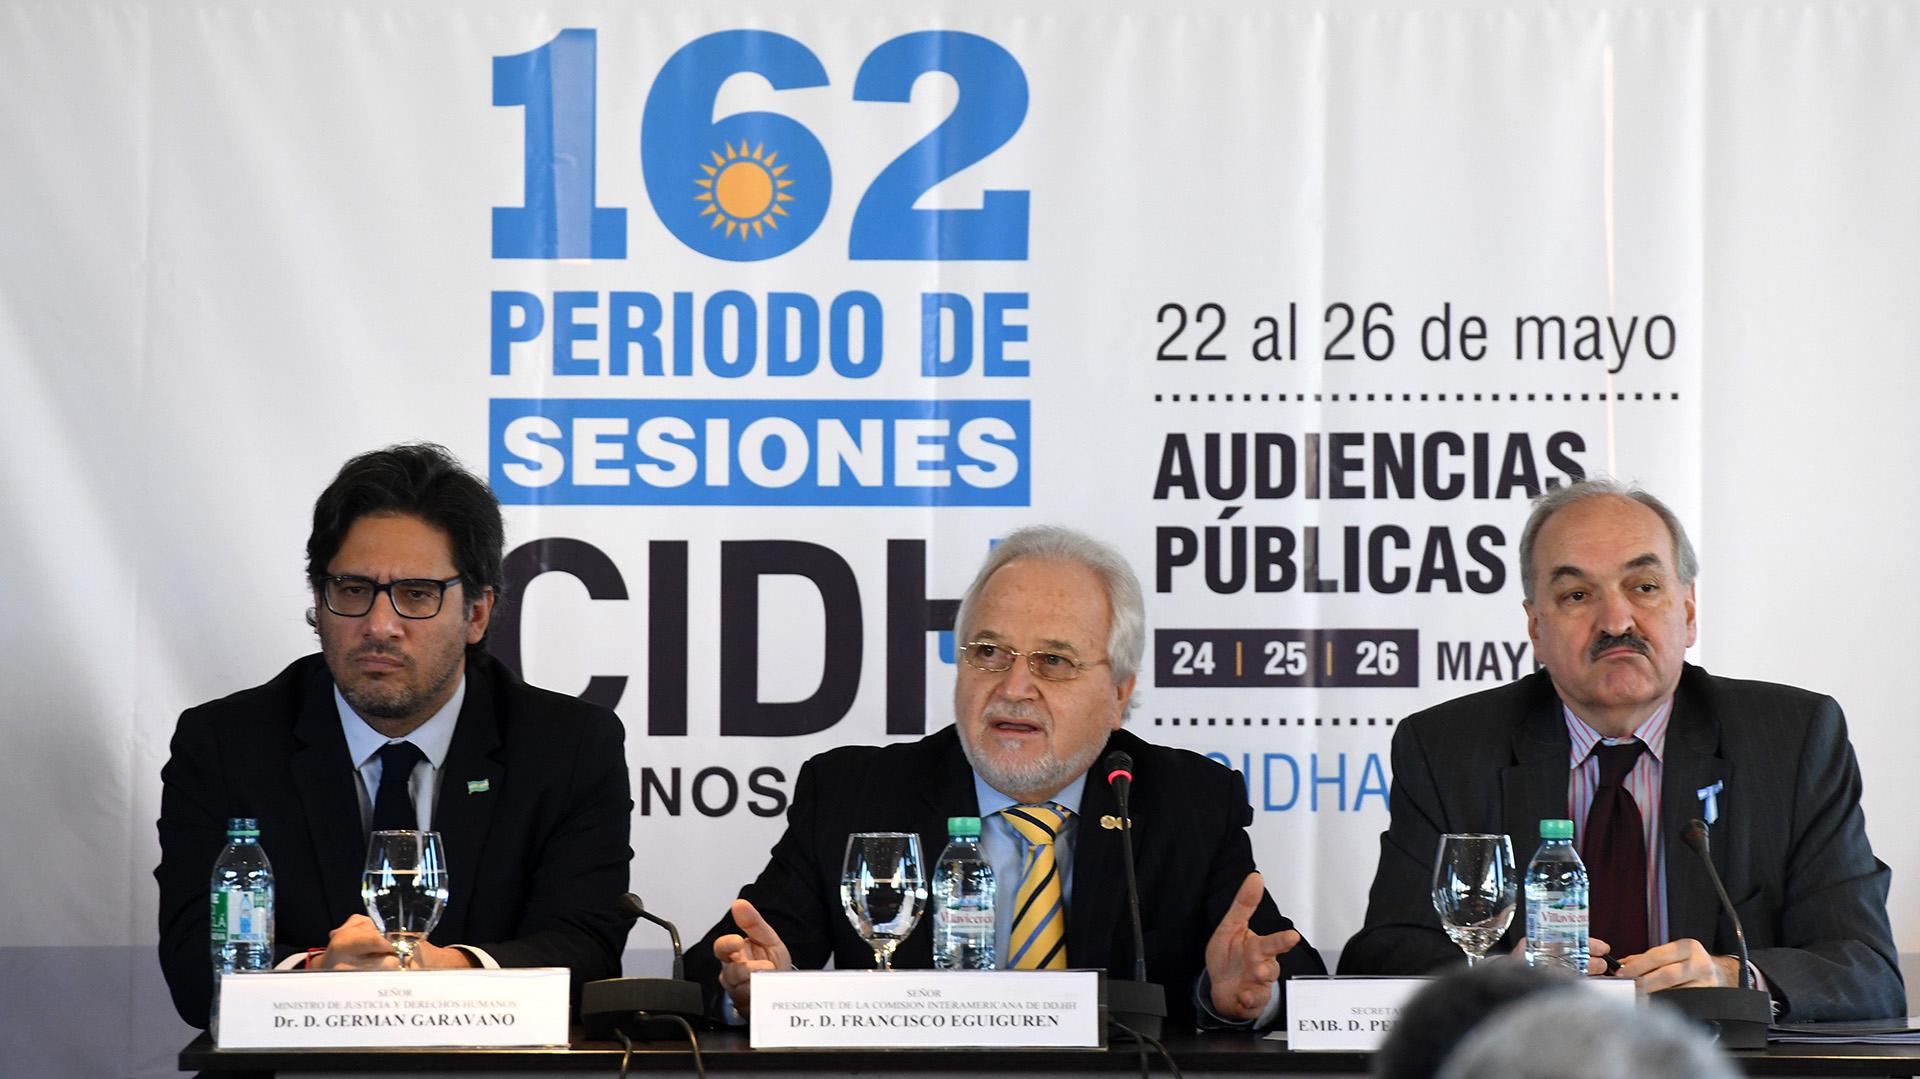 Pedro Villagra Delgado, a la izquierda, participó la semana pasada de las sesiones extraordinarias de la CIDH en la Argentina. Ahora suena para la embajada argentina en los Estados Unidos